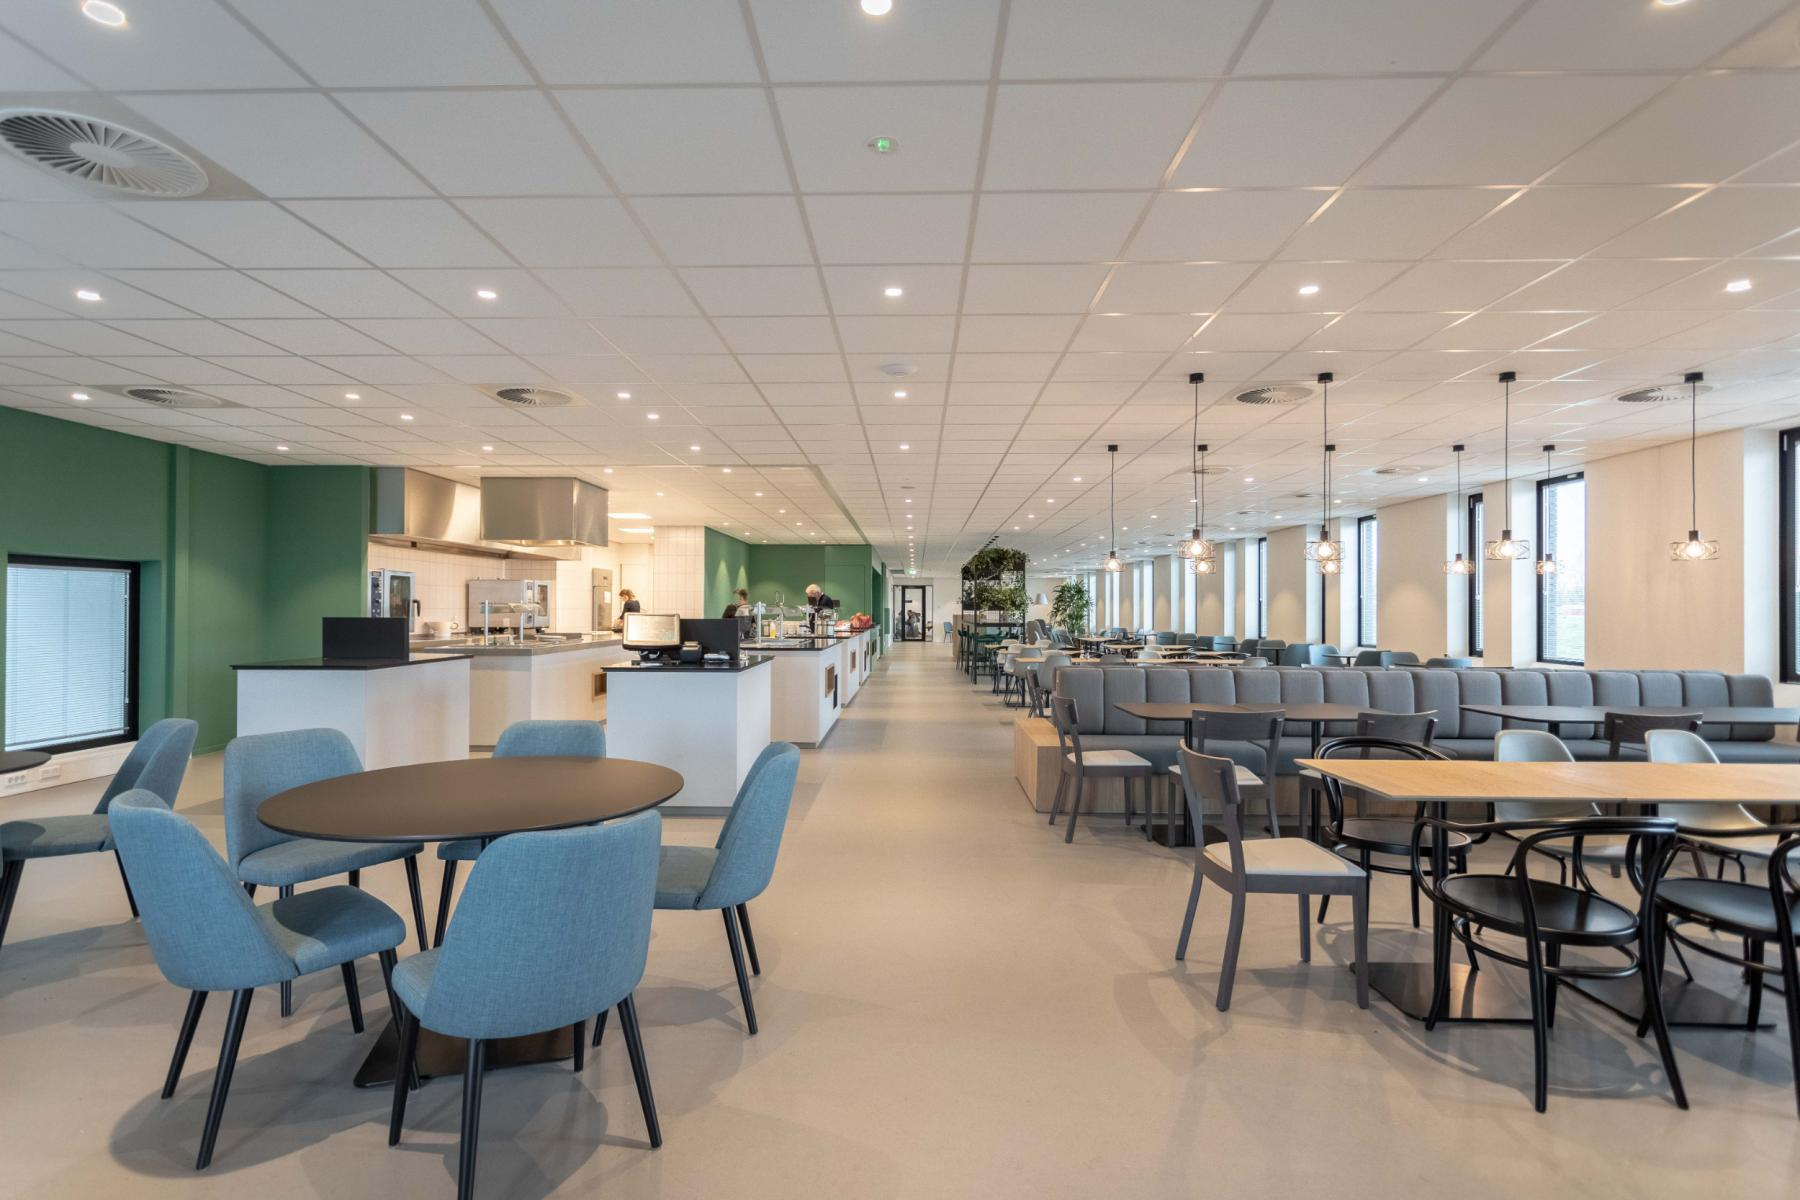 Utrecht van deventerlaan kantoorruimtes gemeubileerd kantine vergaderzalen parkeergarage